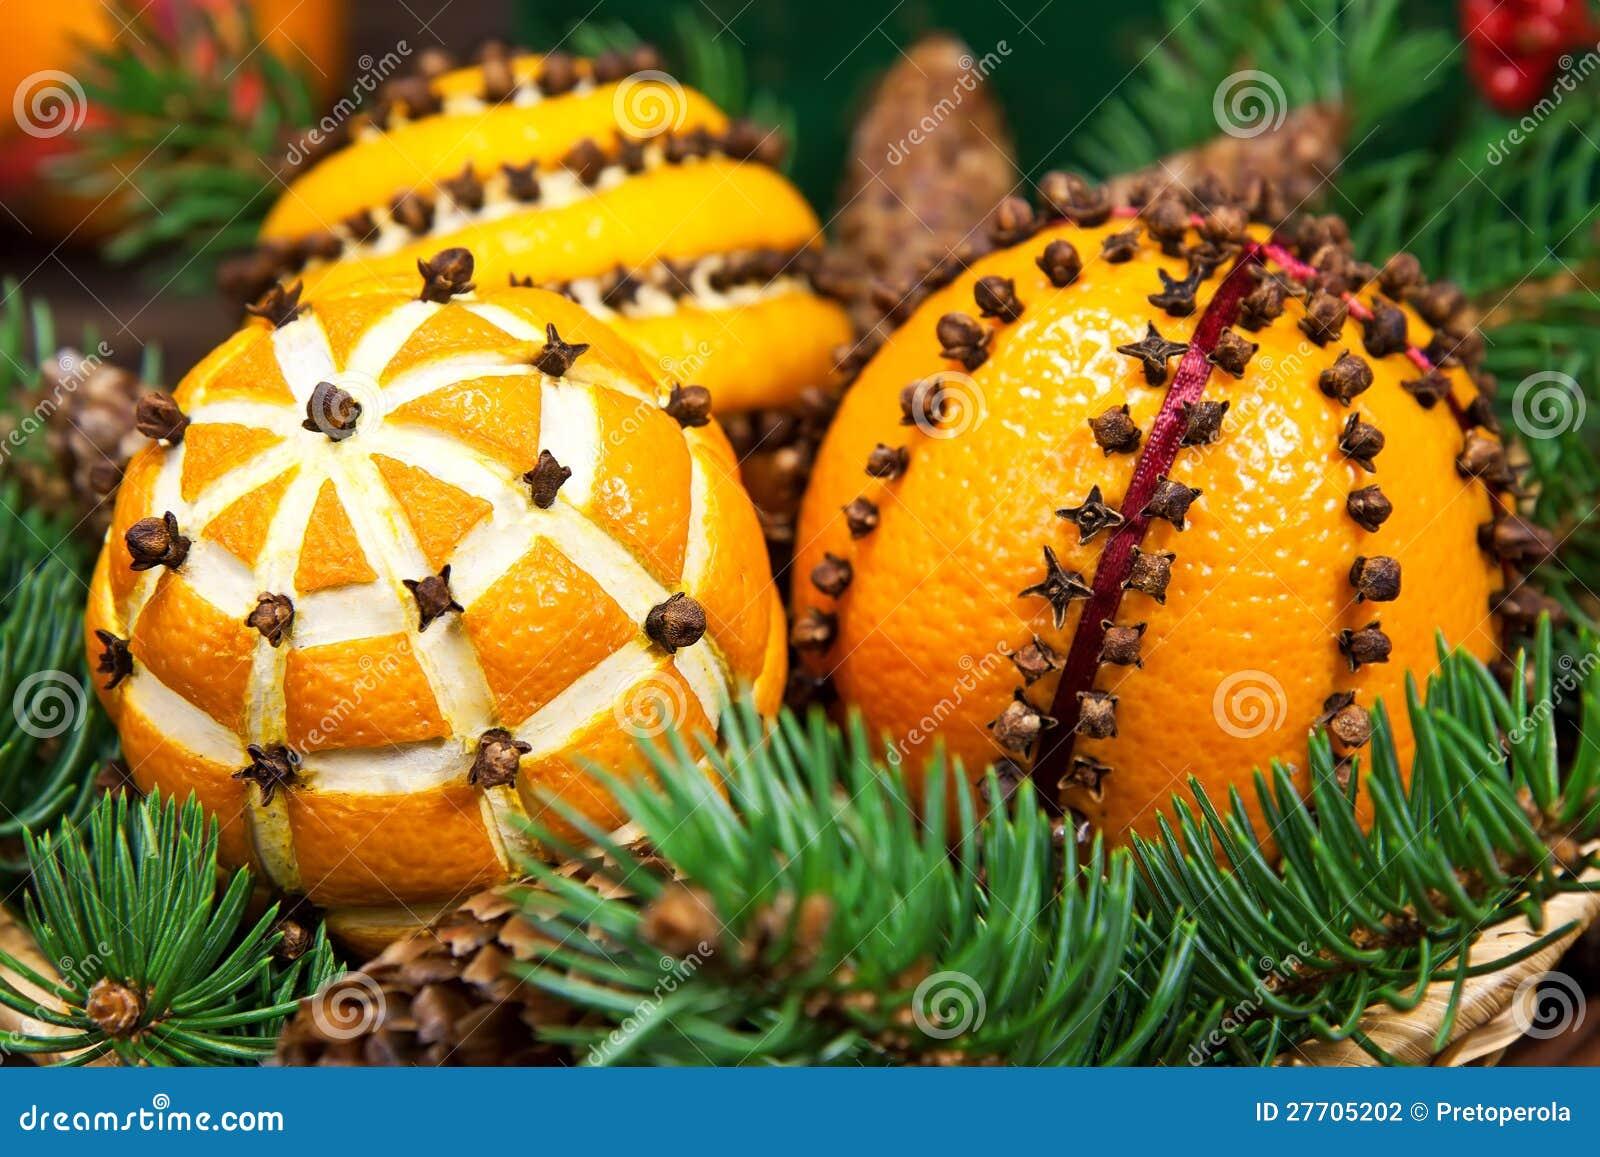 d coration de no l avec les oranges et l 39 arbre de sapin photo stock image 27705202. Black Bedroom Furniture Sets. Home Design Ideas